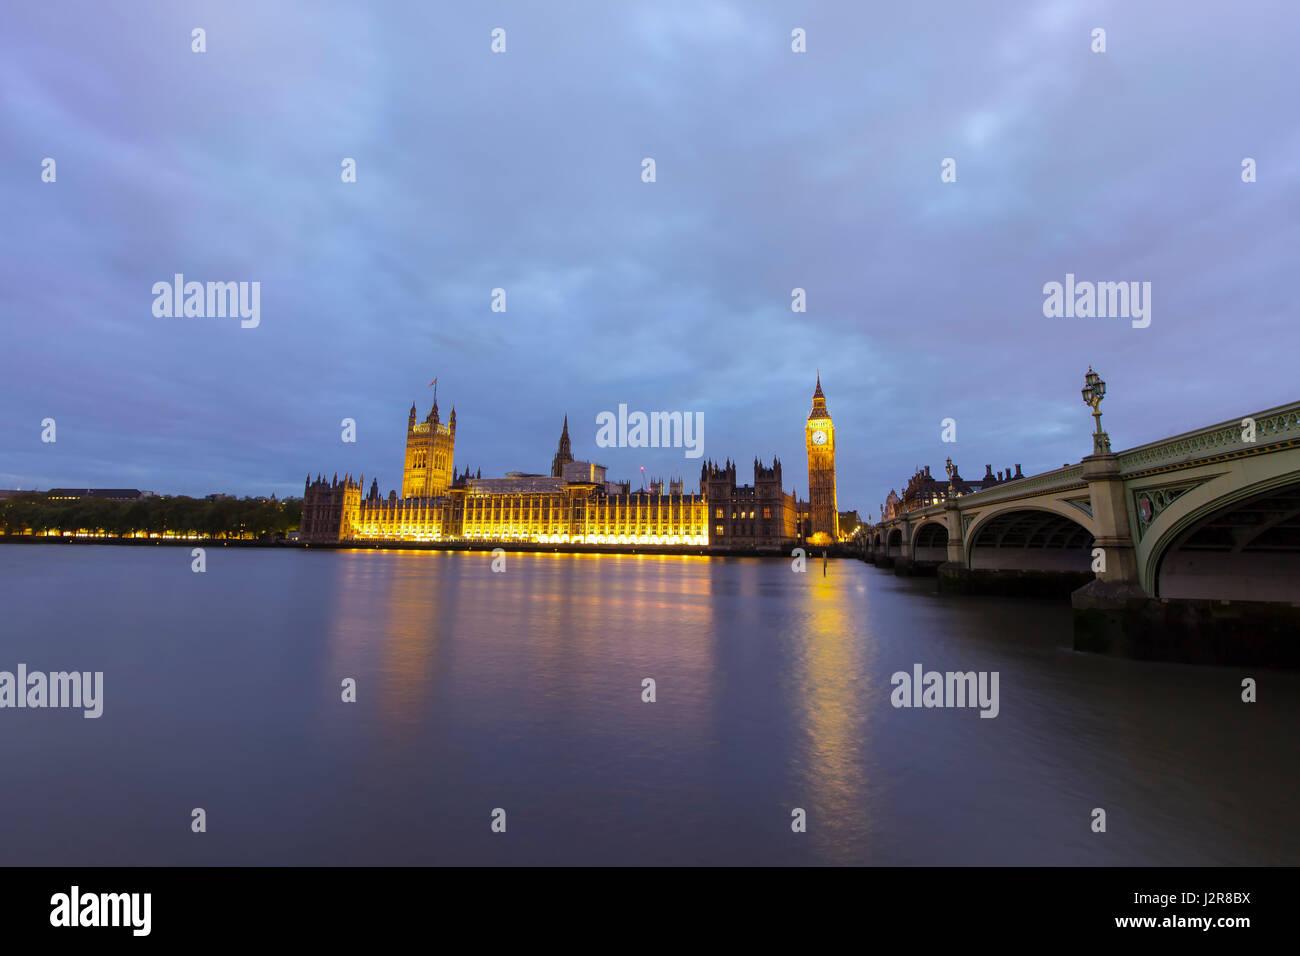 Vista della Torre del Big Ben e gli edifici del parlamento europeo attraverso il Tamigi in Westminster, Londra. Immagini Stock